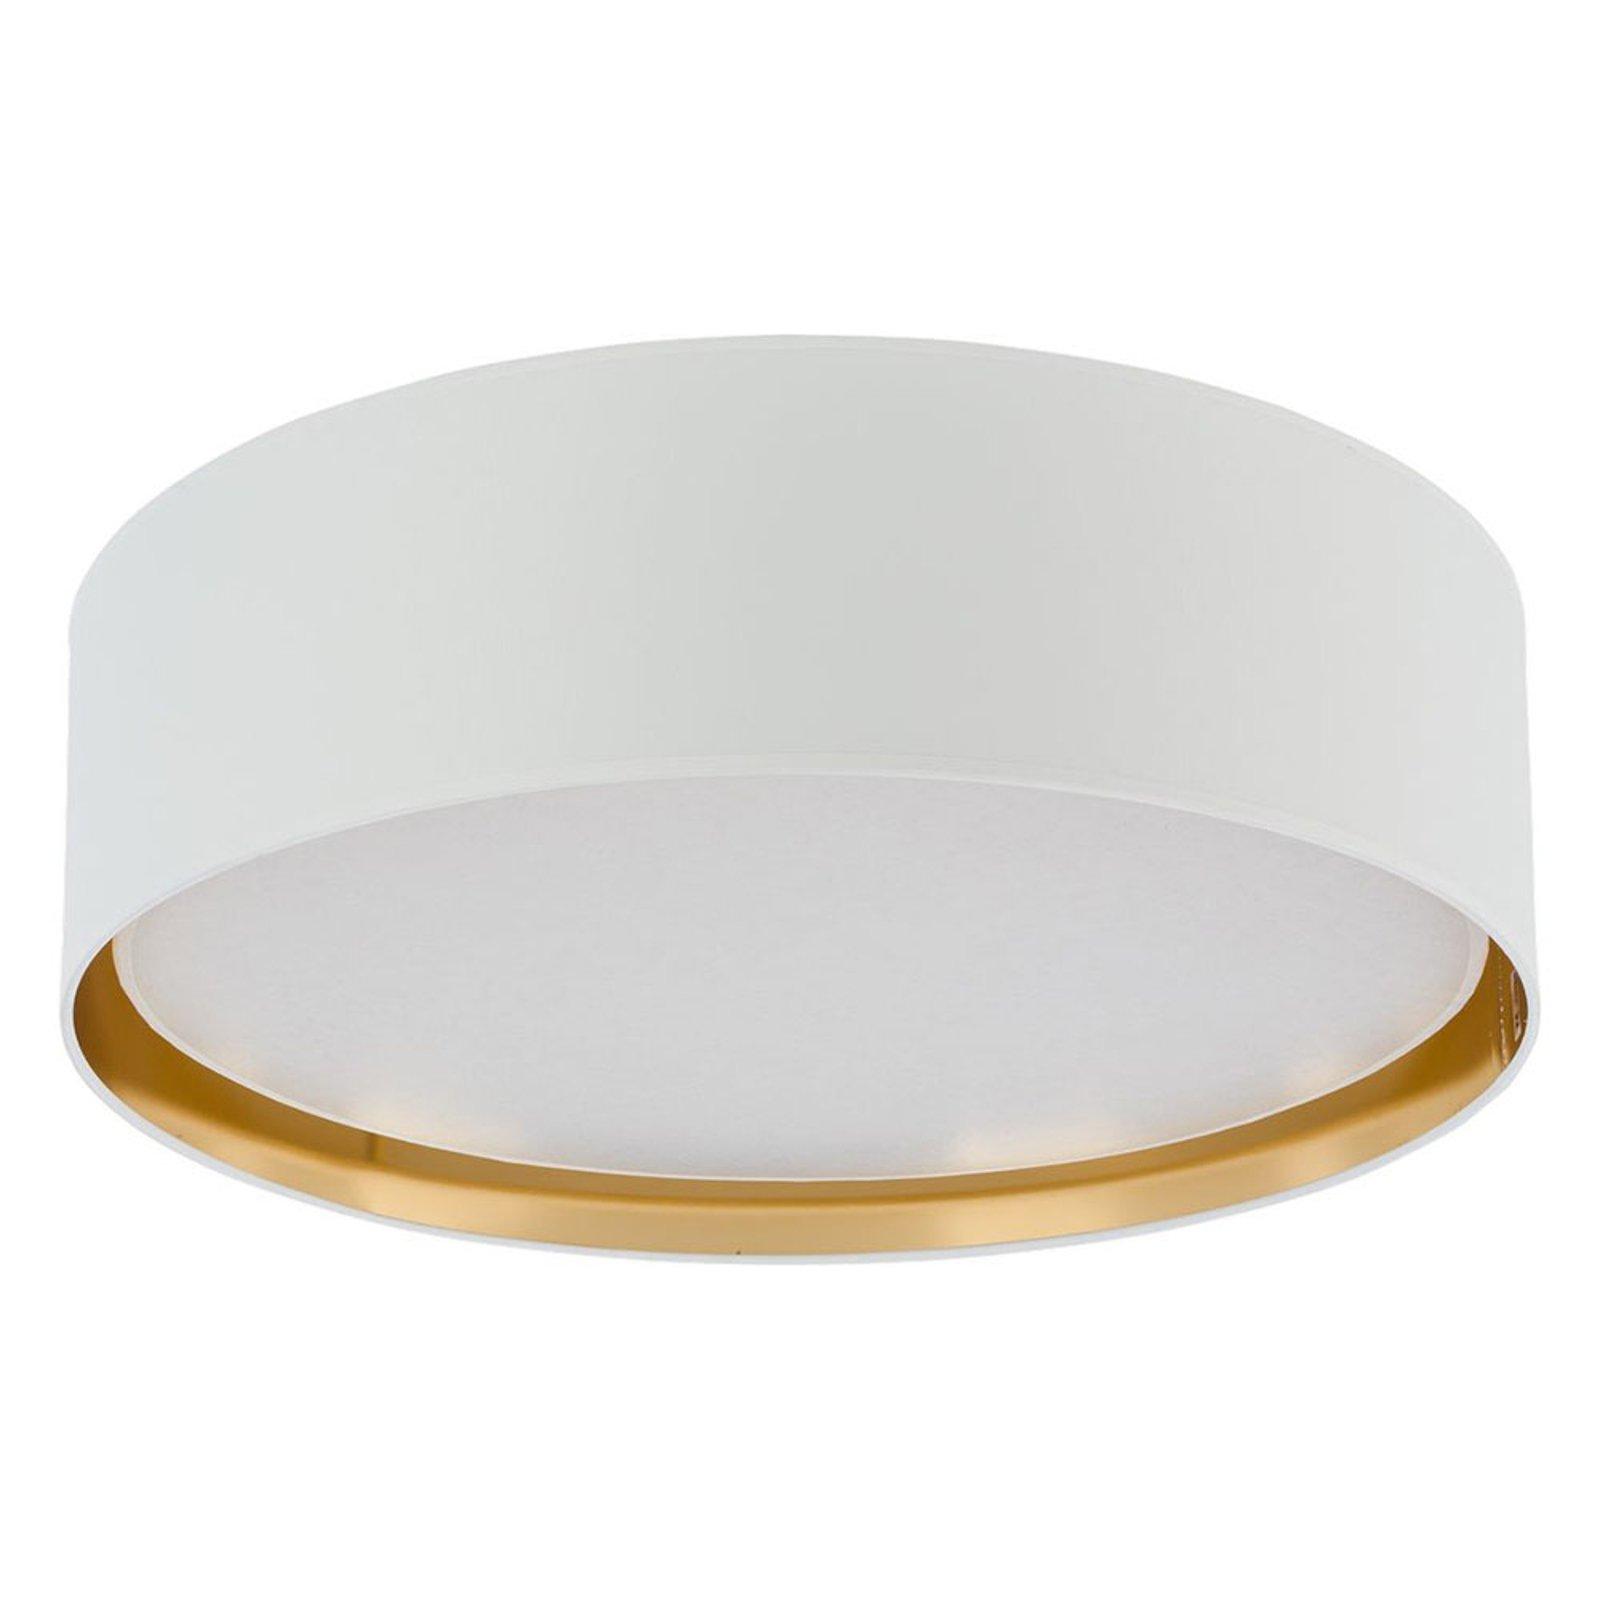 Taklampe Bilbao, Ø 60 cm, hvit/gull